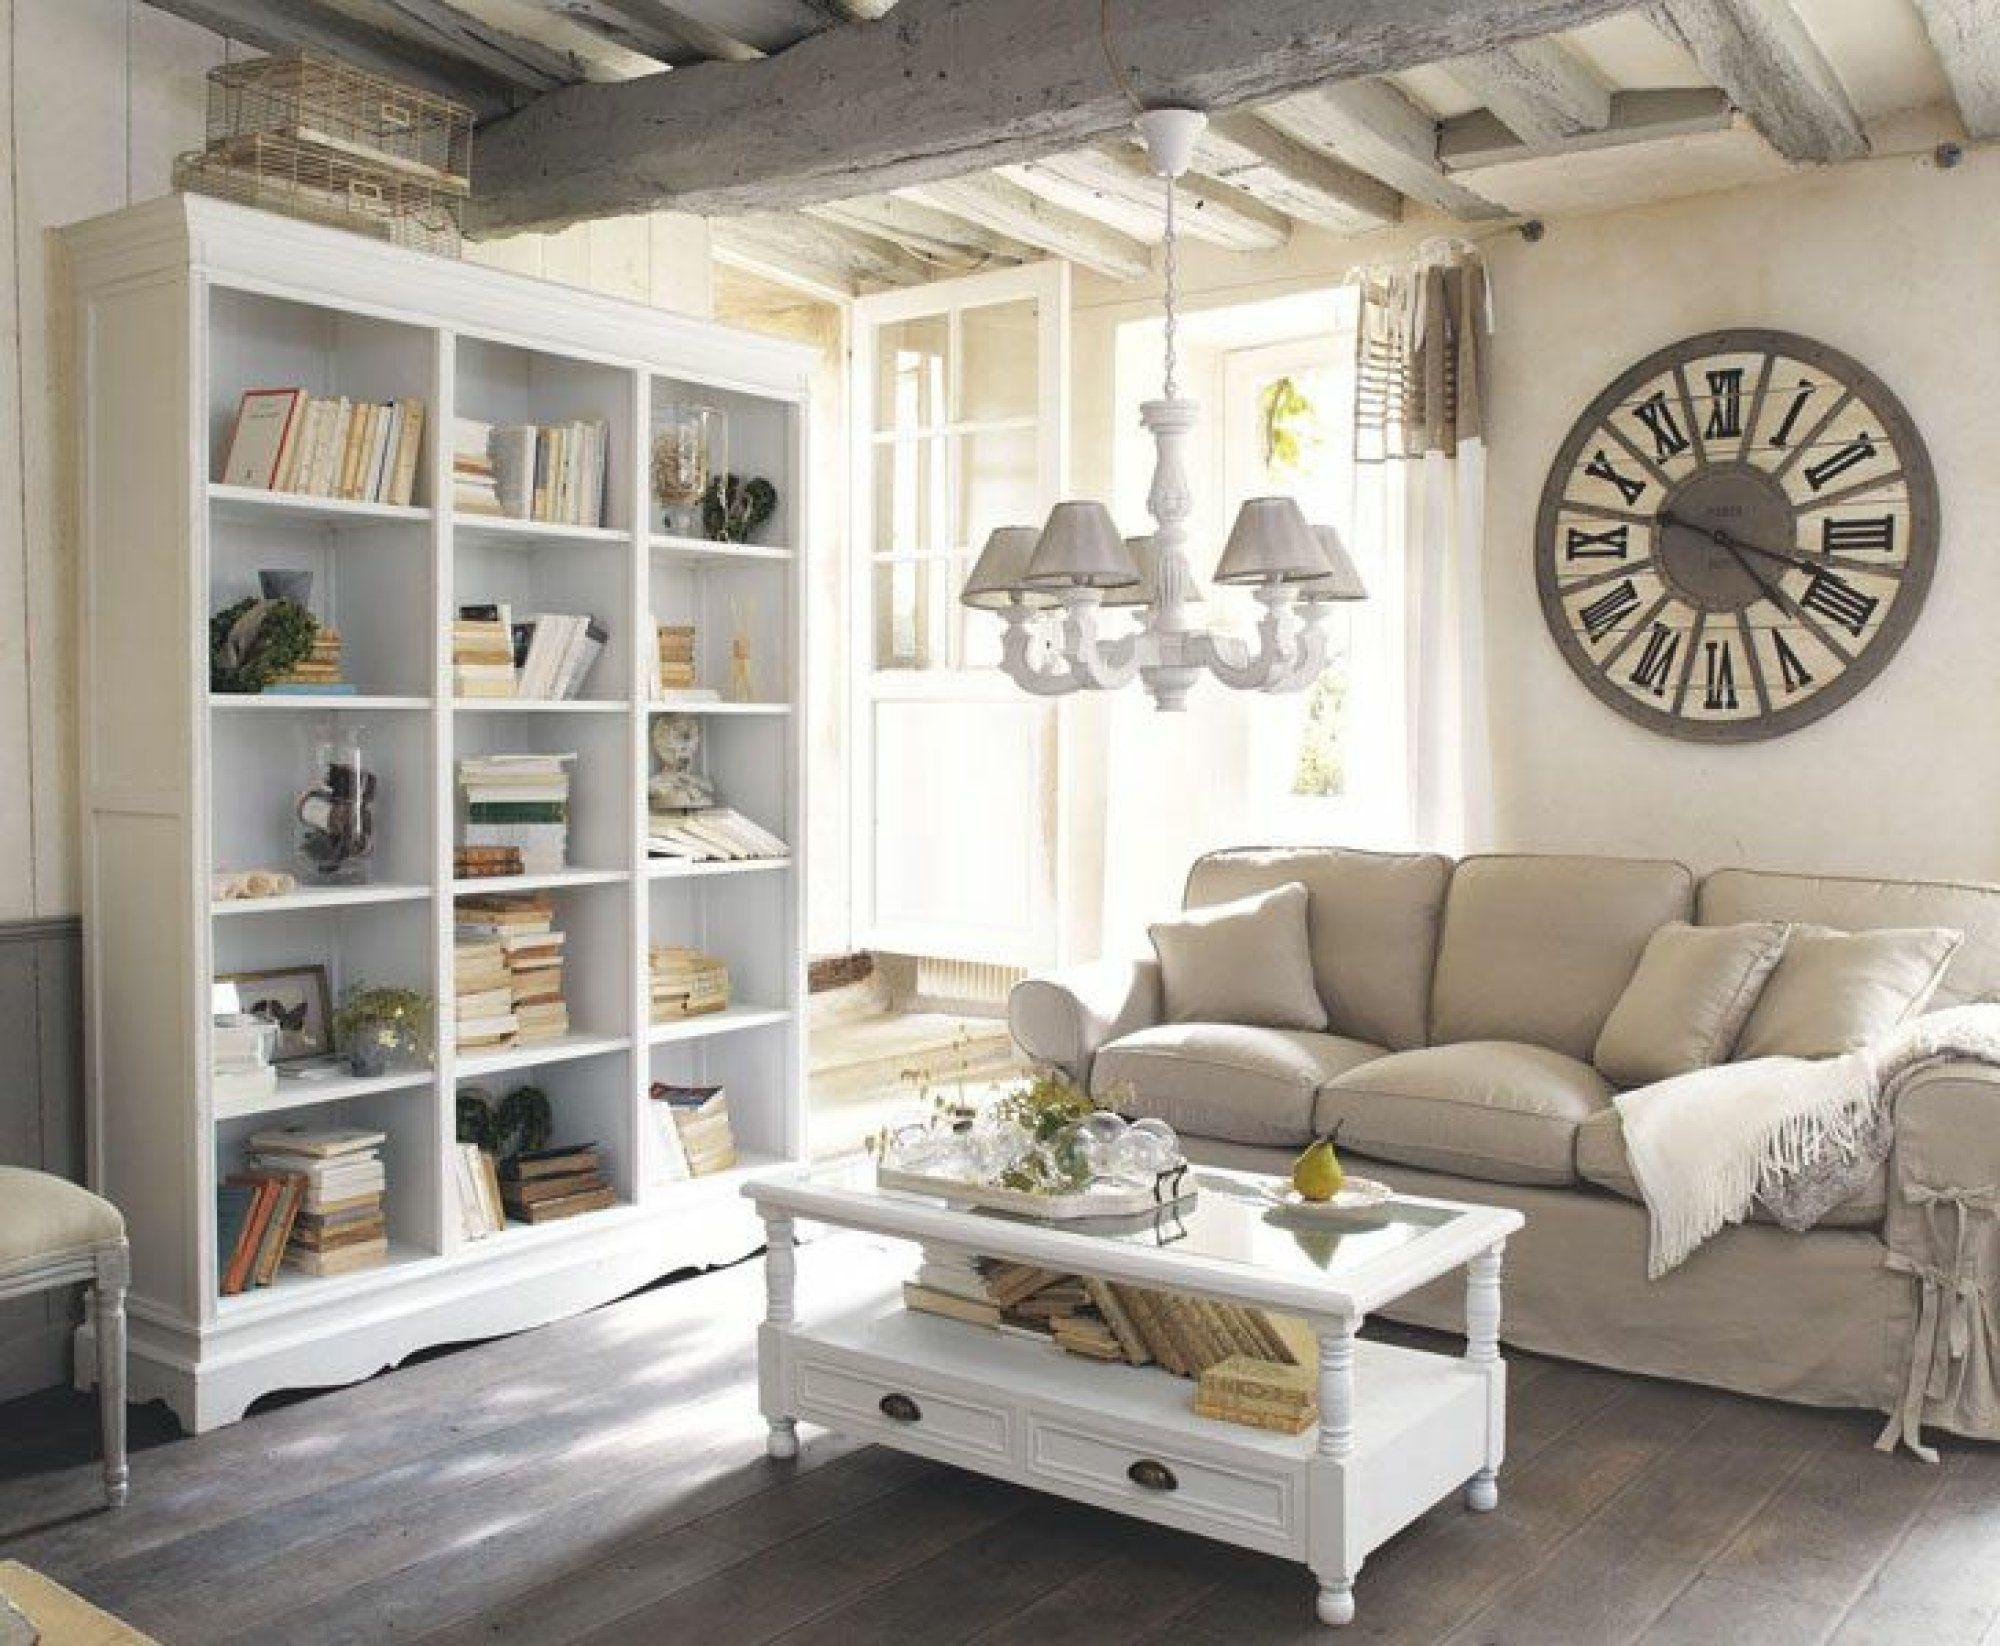 Интерьер загородного дома в стиле прованс, фото интерьера ...